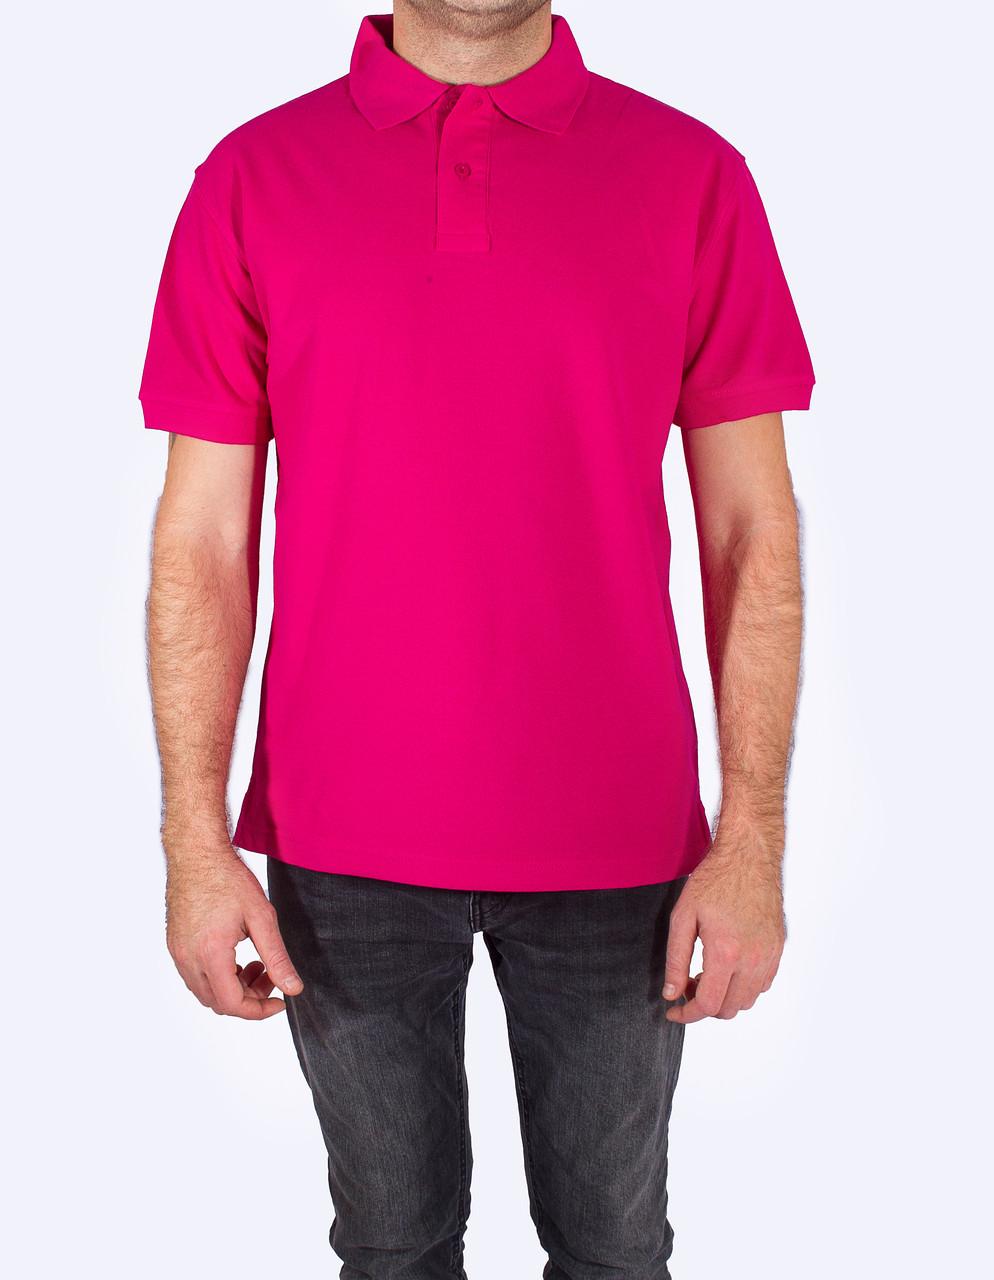 Поло - футболка мужская, малиновый цвет, JHK T-shir, однотонная, промо одежда, от XS до XXL